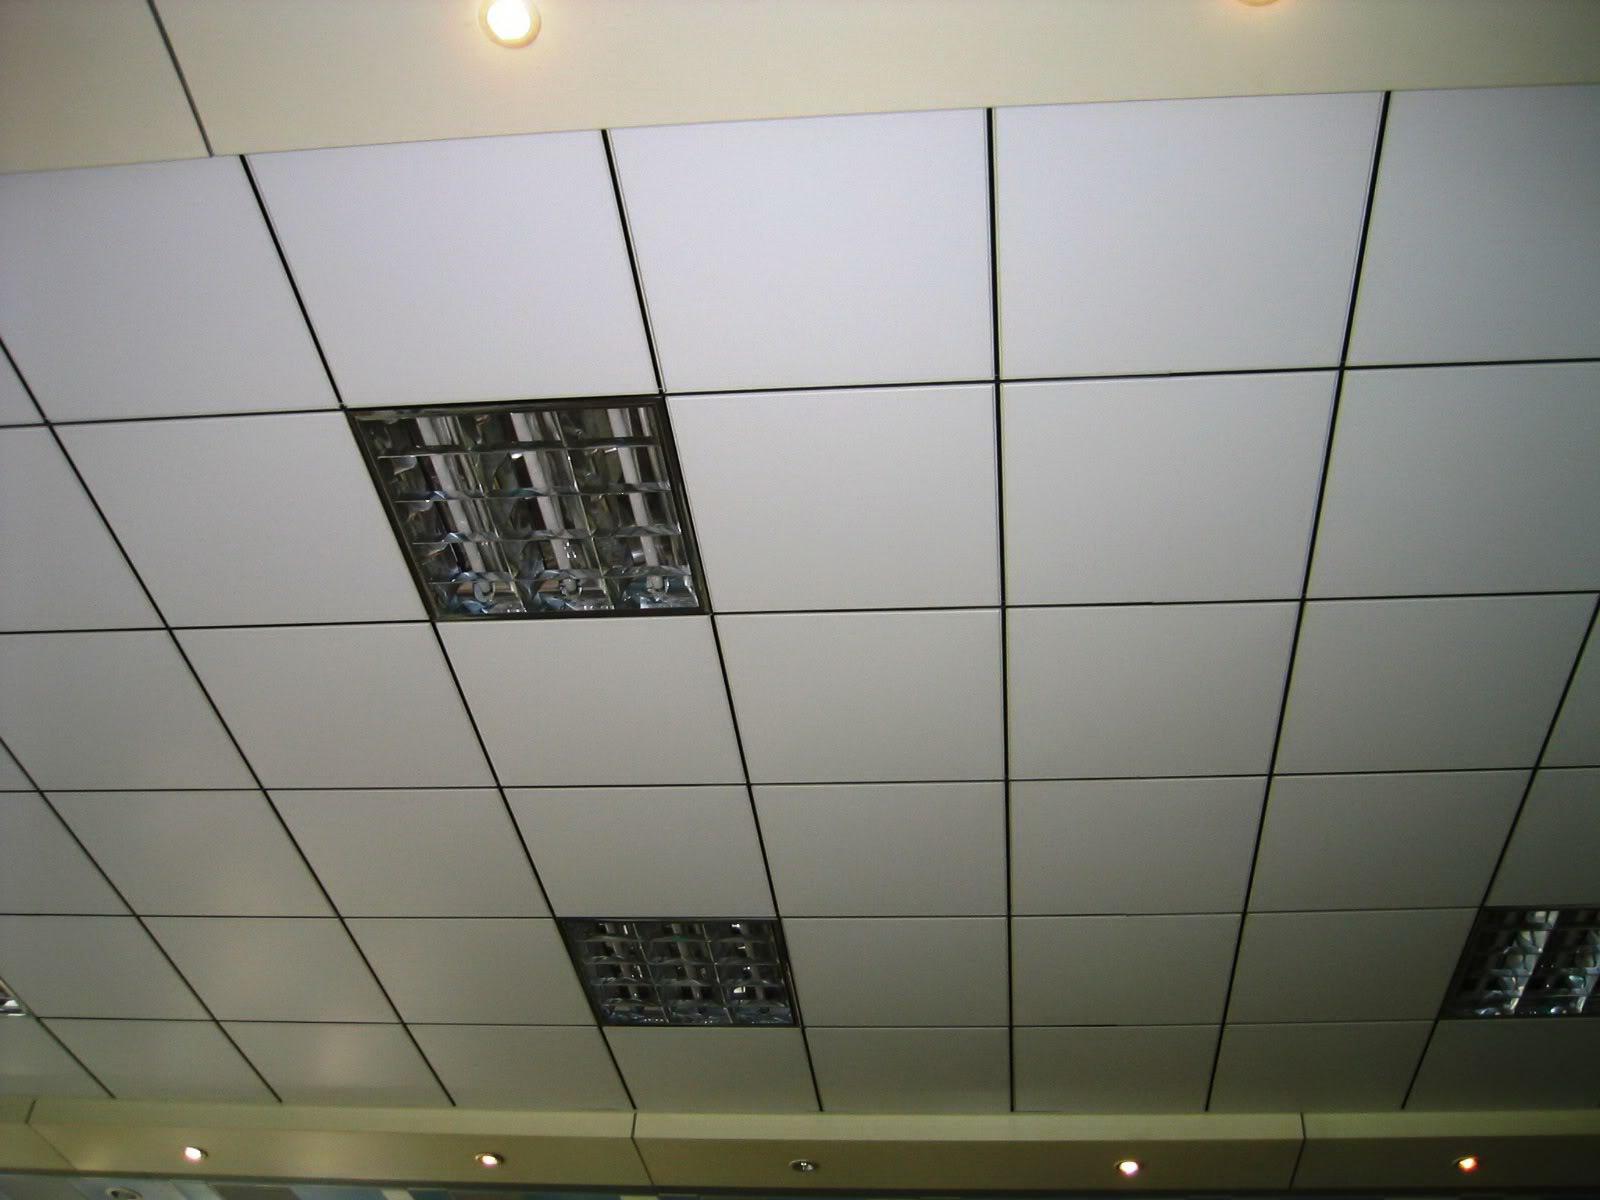 ceiling tee grid,ceiling tee bar,ceiling grids -sinoceiling